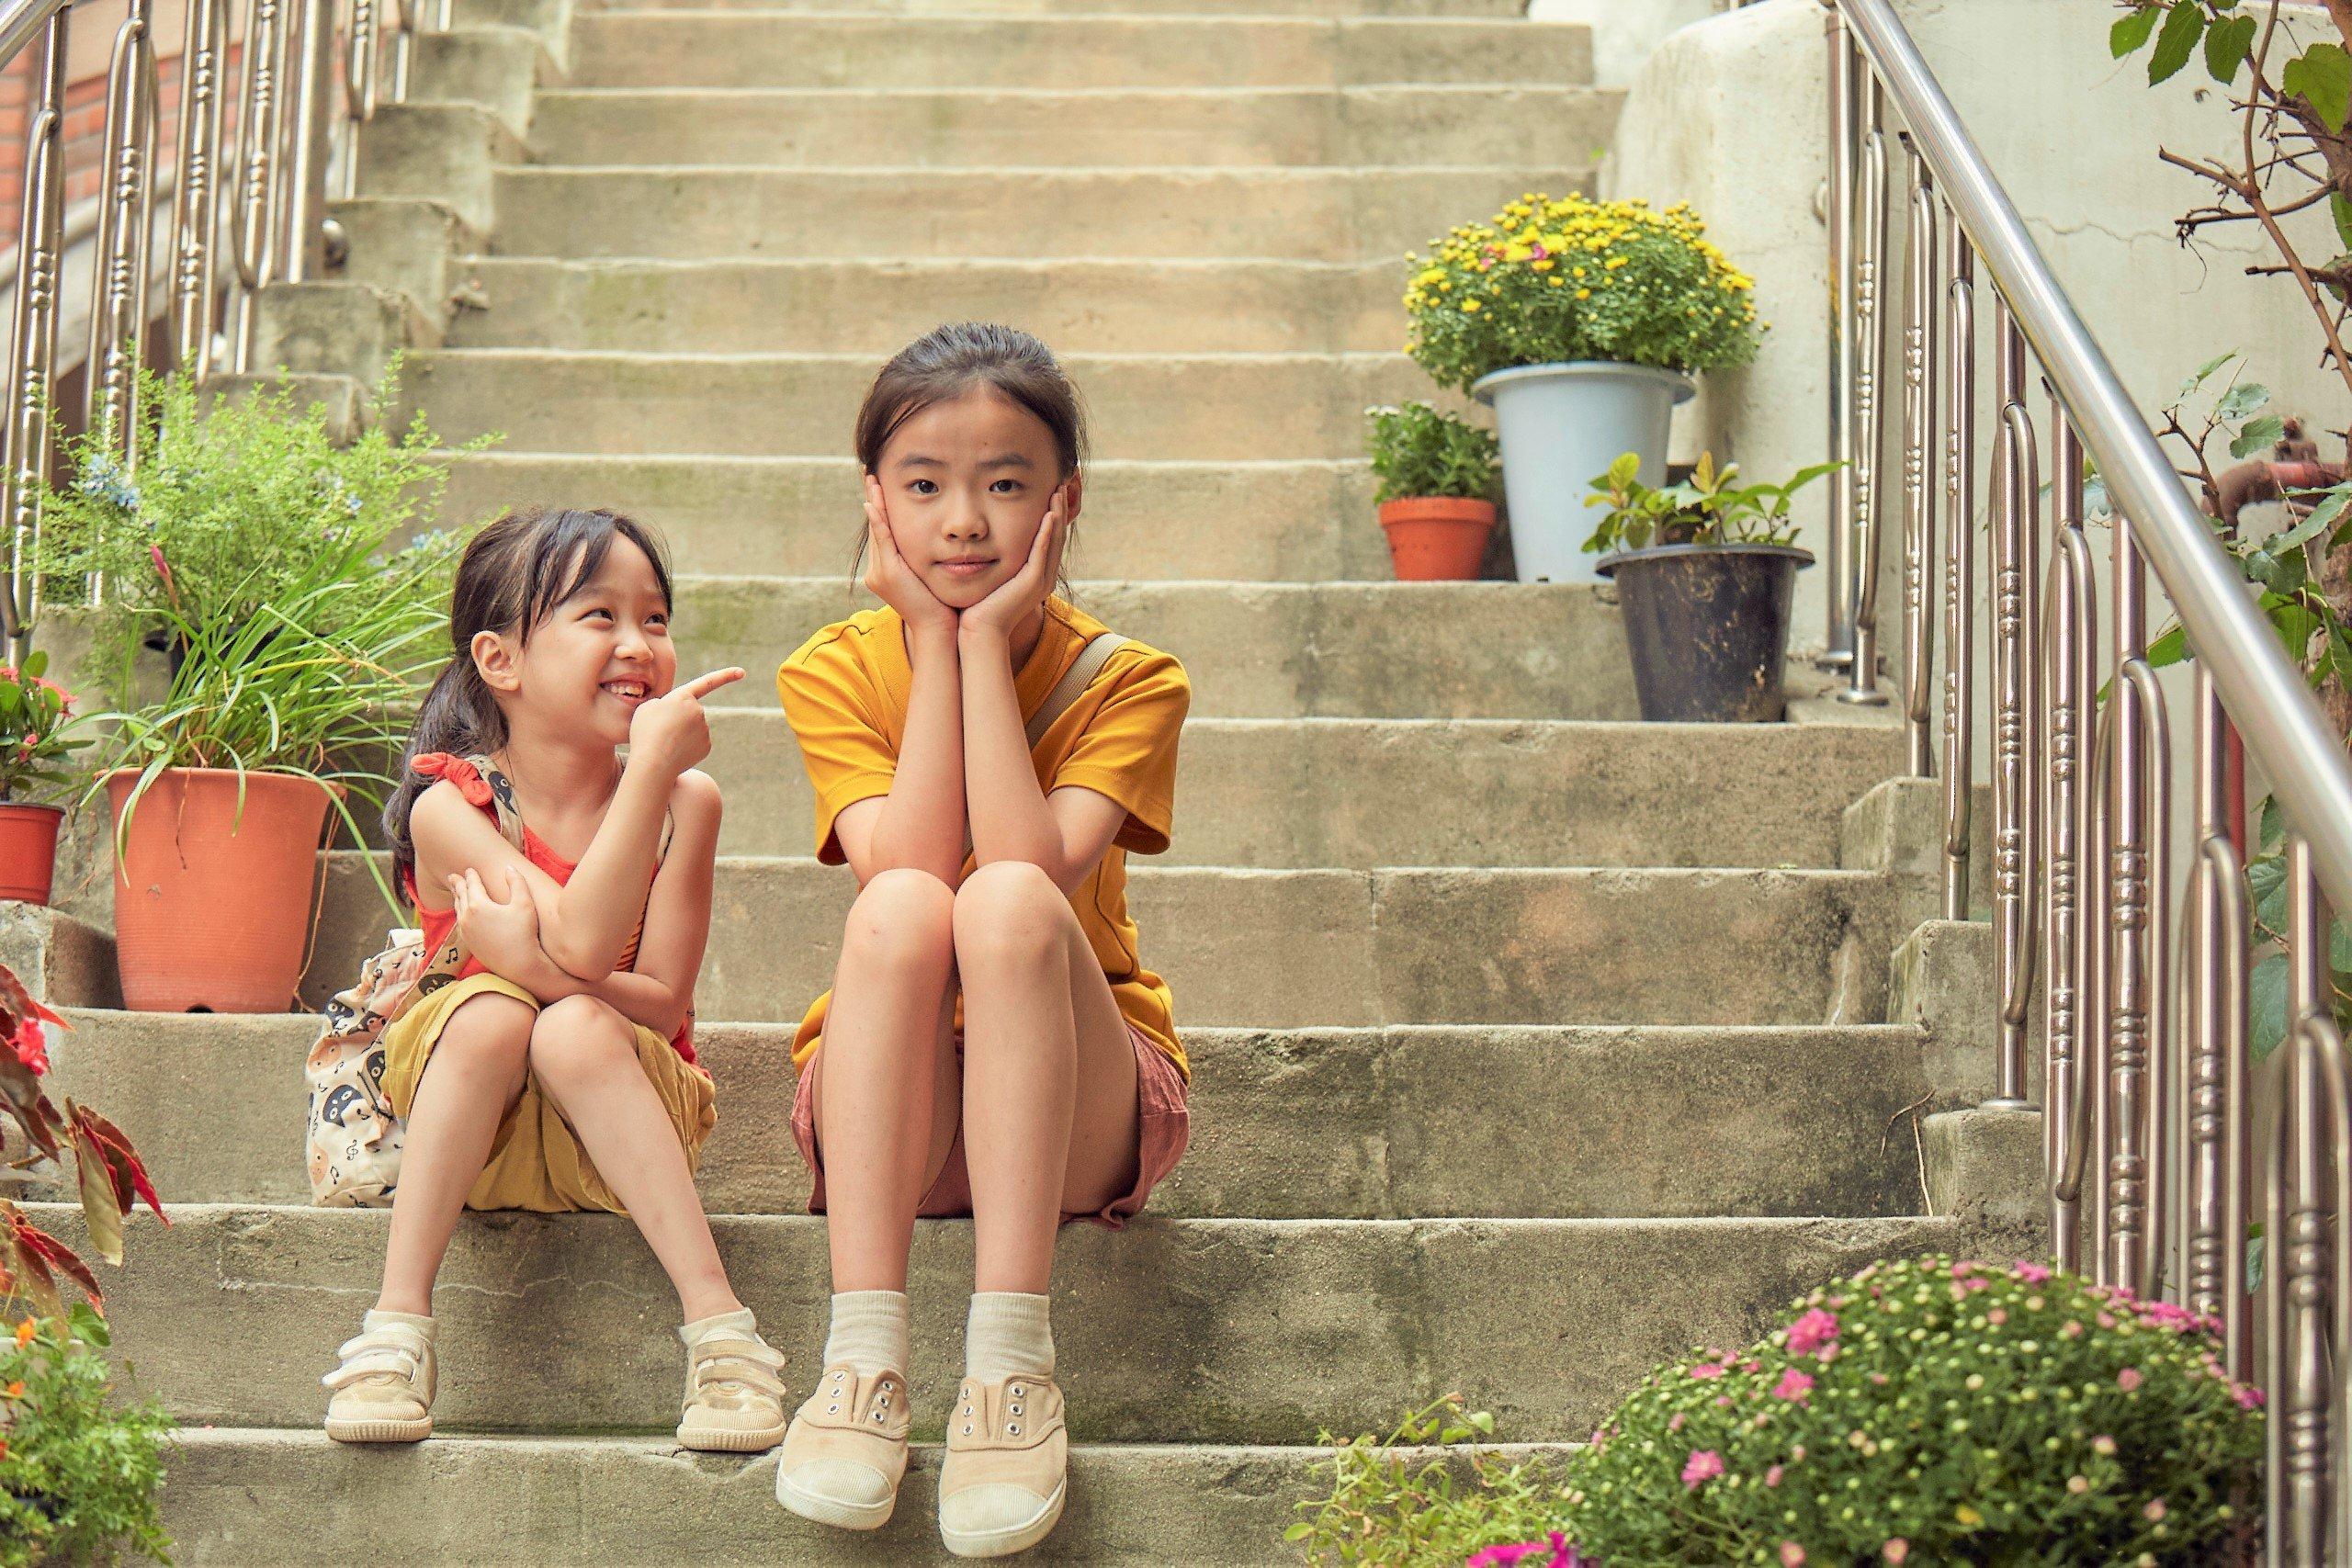 Filmoteca finaliza el ciclo de cine coreano con una historia contada desde la perspectiva femenina